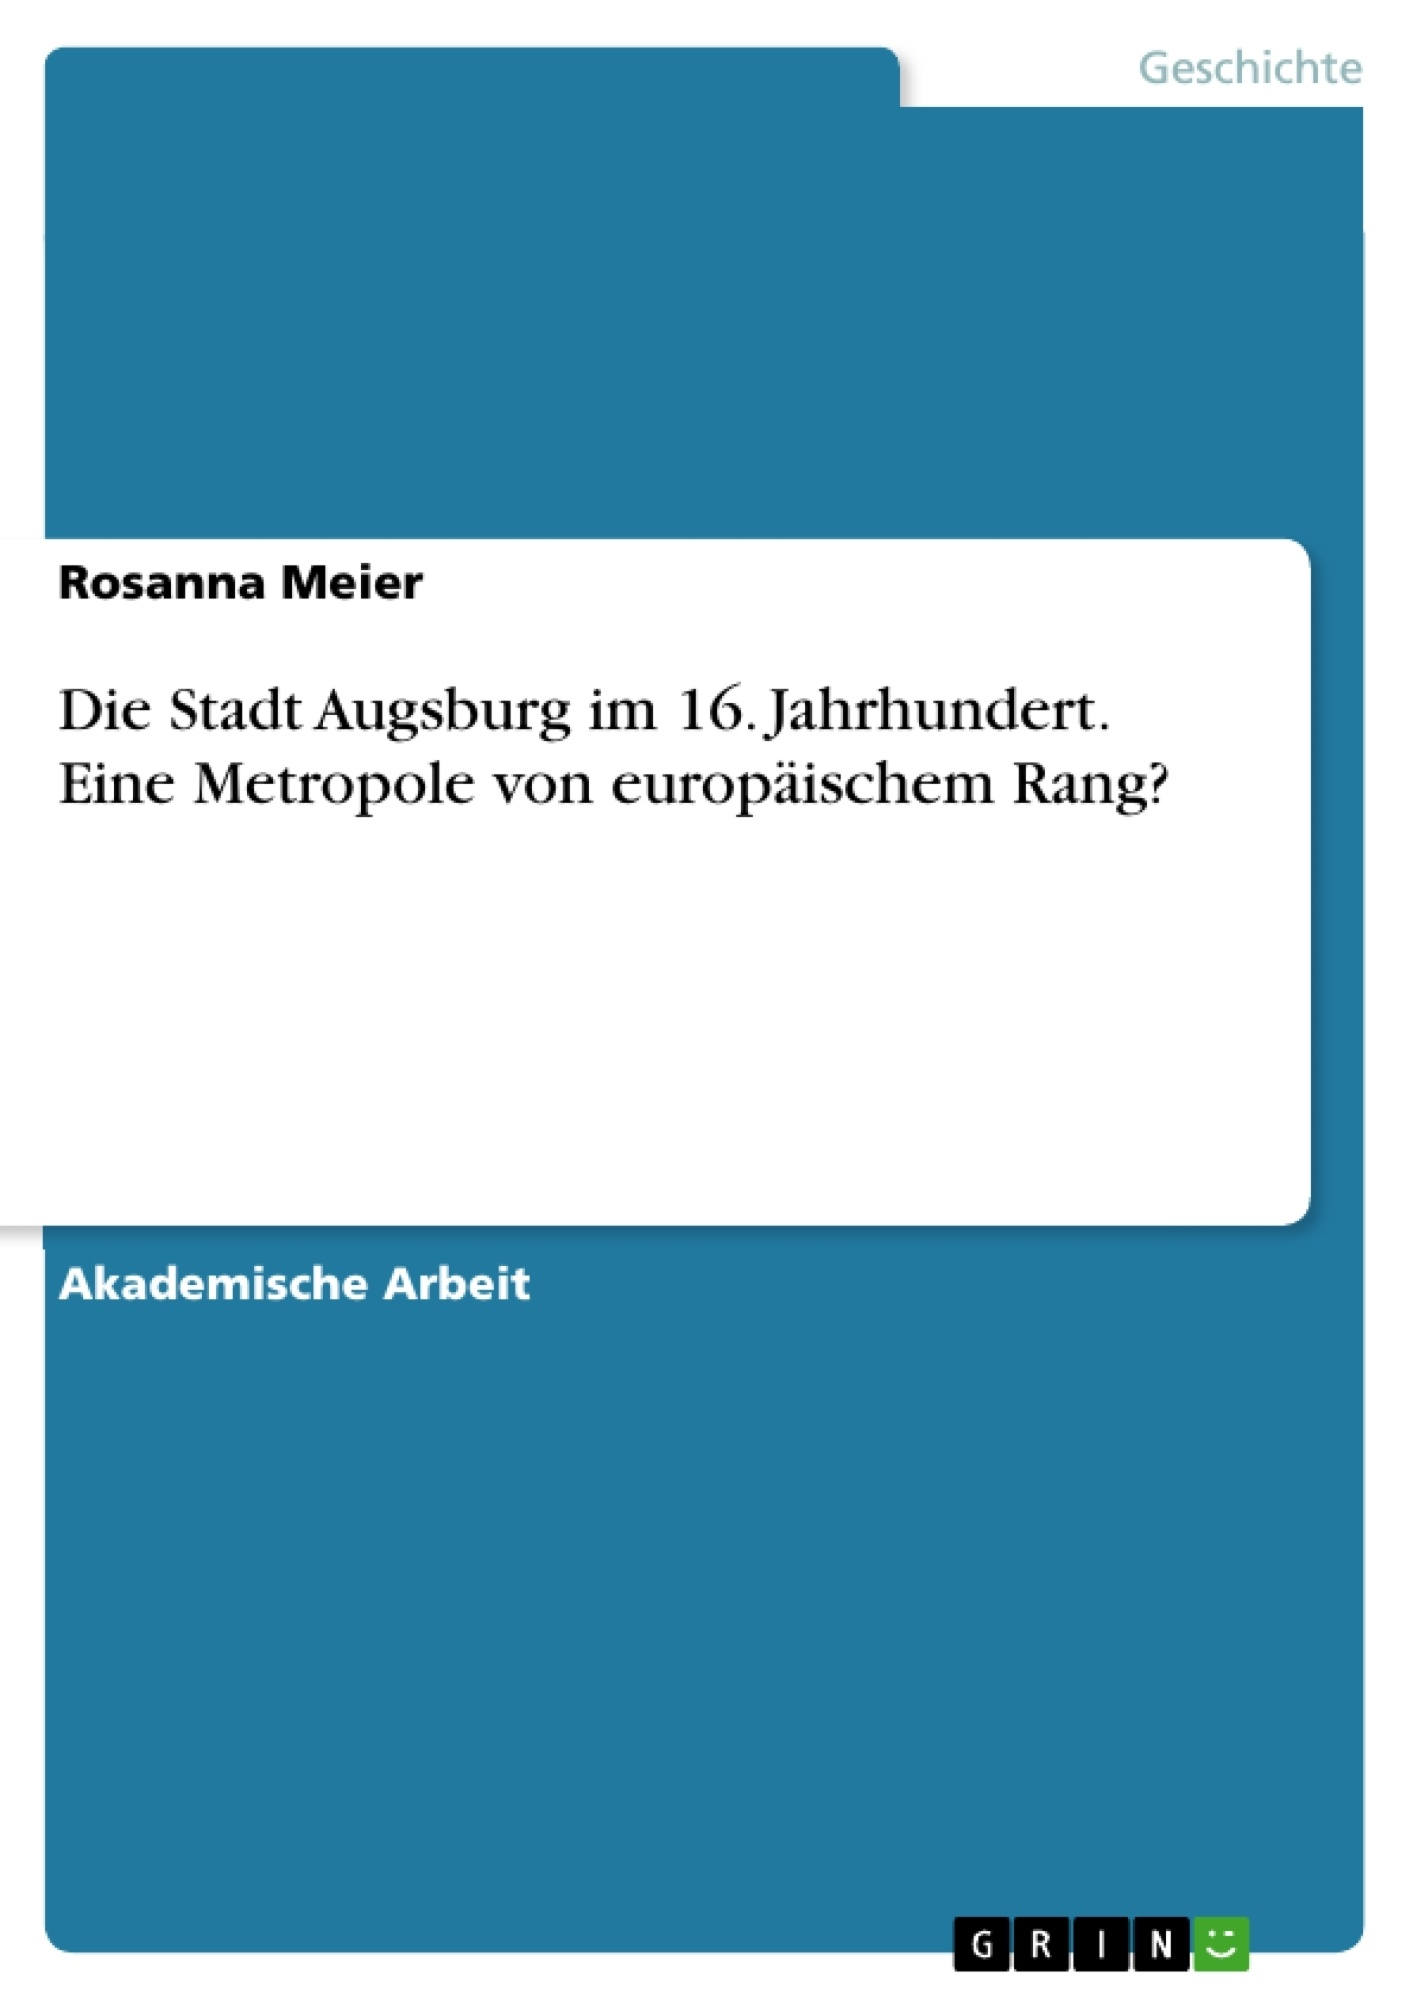 Titel: Die Stadt Augsburg im 16. Jahrhundert. Eine Metropole von europäischem Rang?